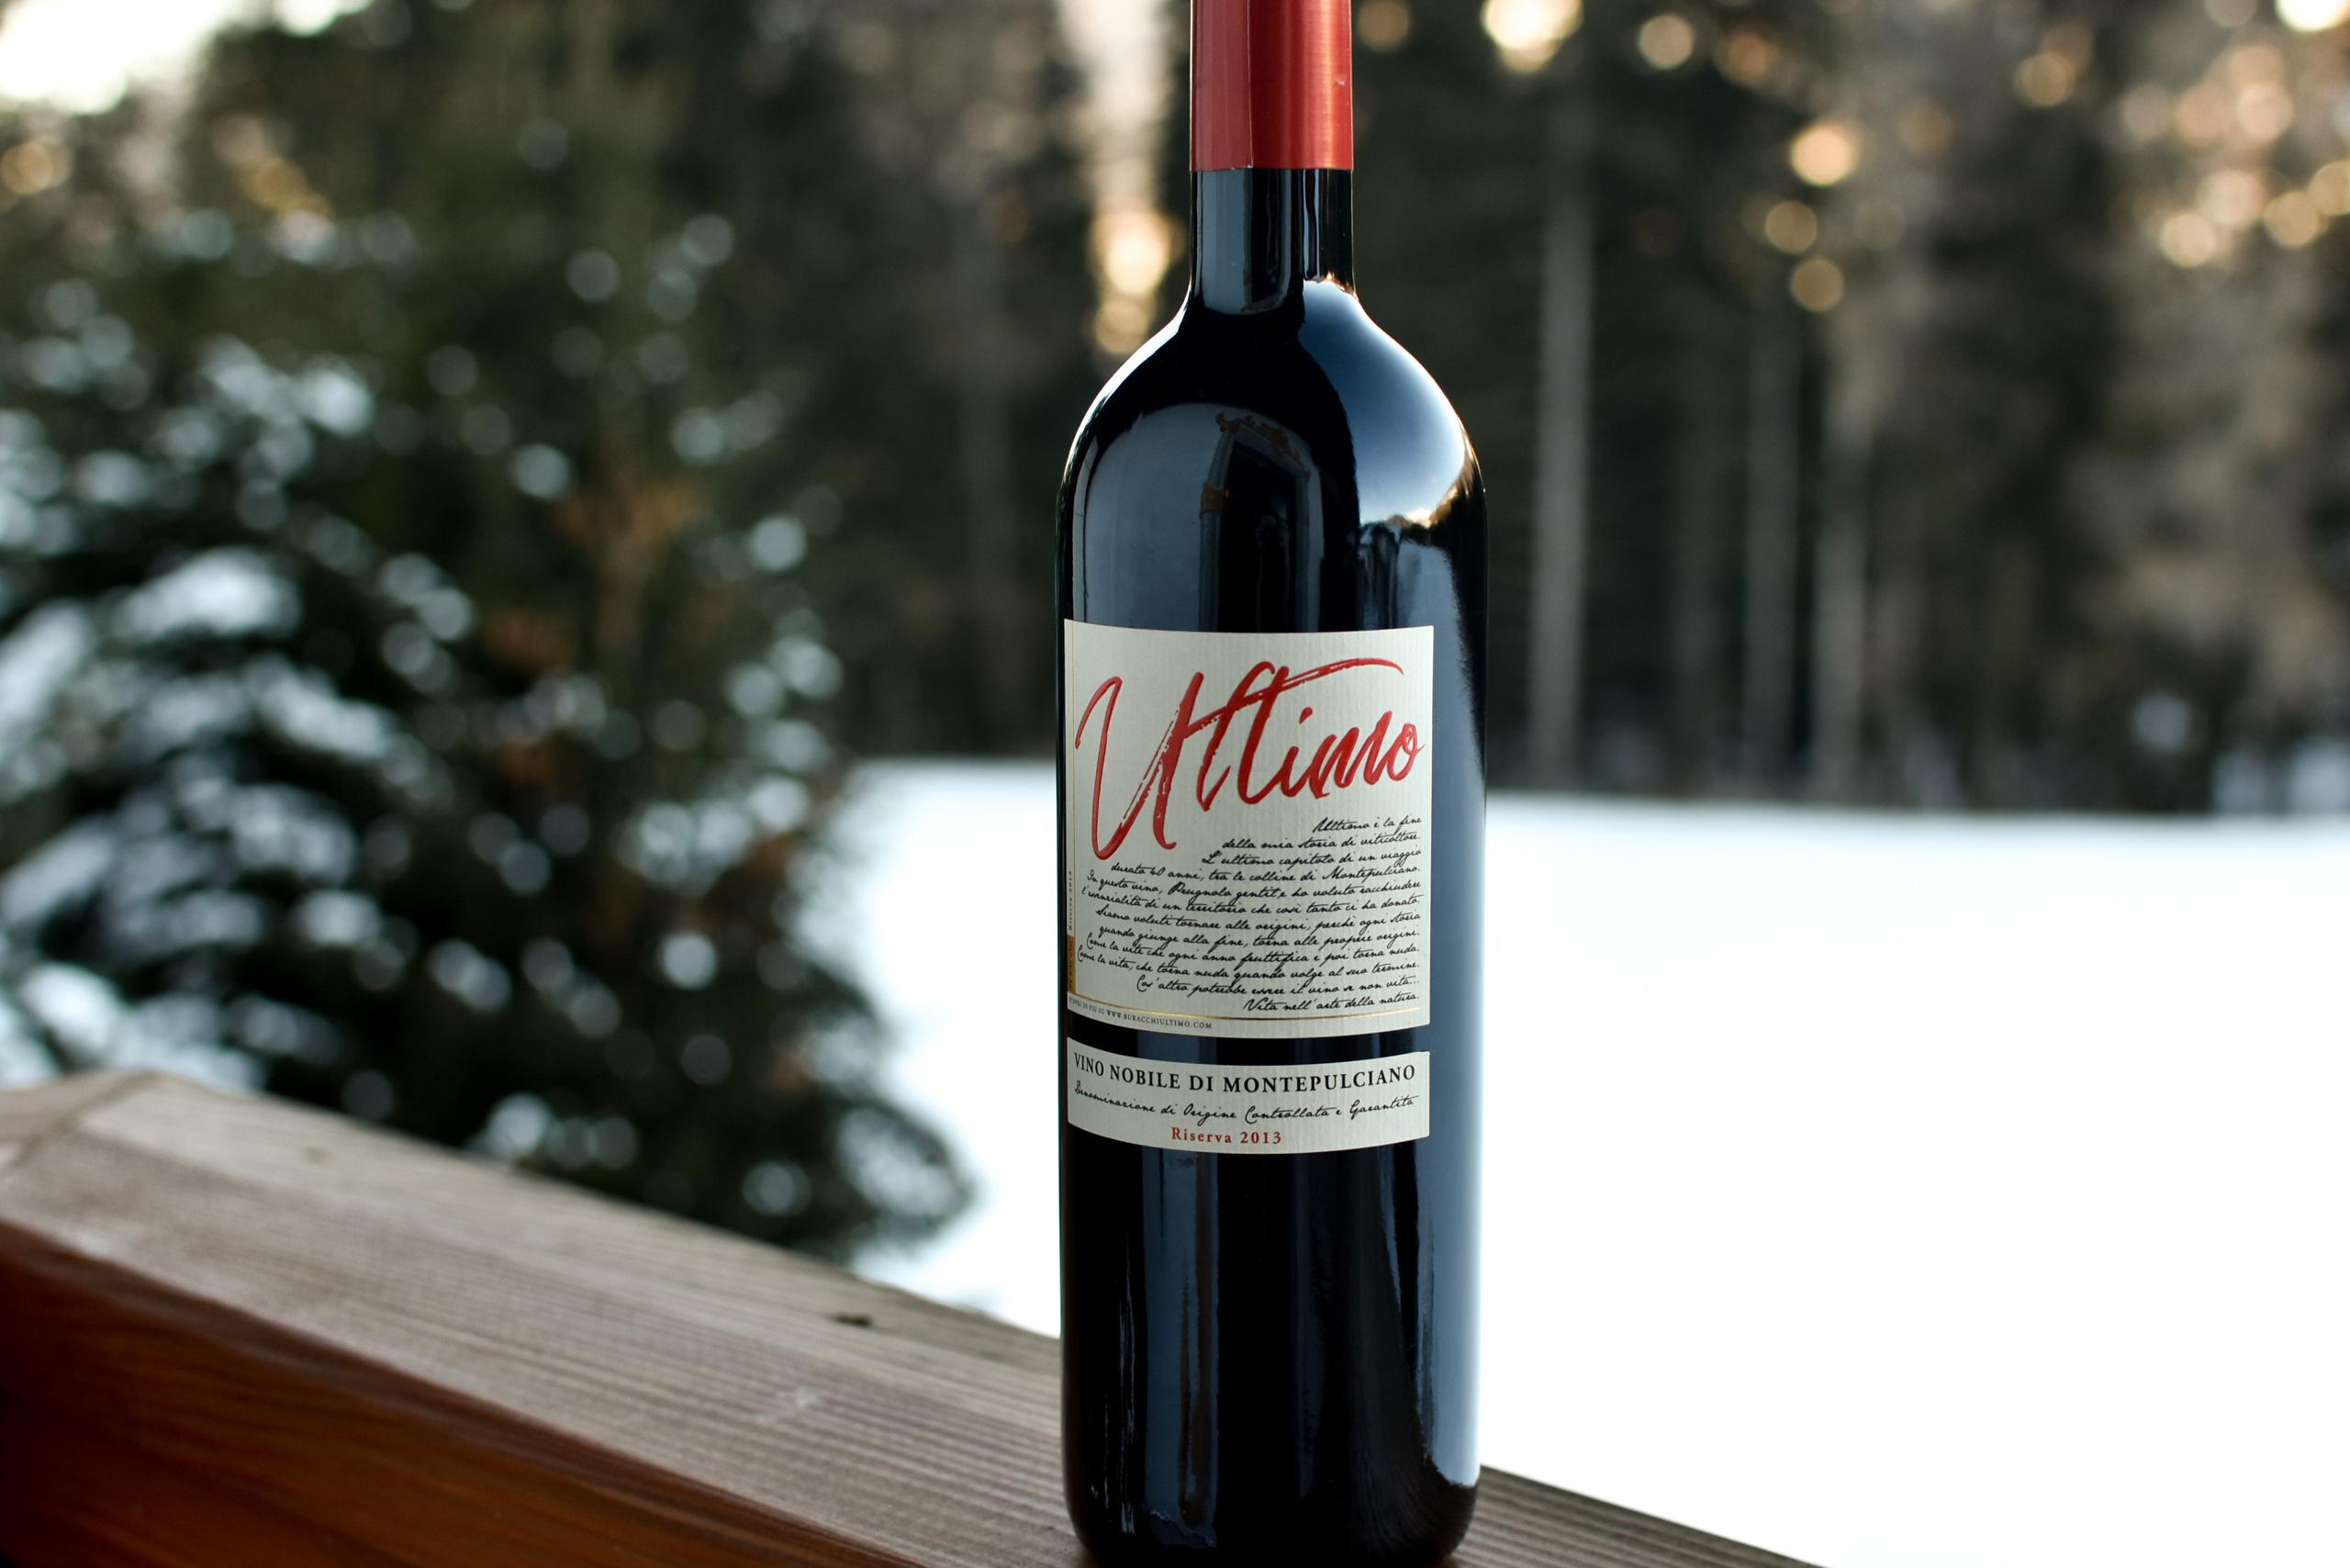 """Anche la nostra Riserva di vino Nobile di Montepulciano """"Ultimo"""" può risentire delle temperature gelide di questo inverno: come degustarla al meglio?"""